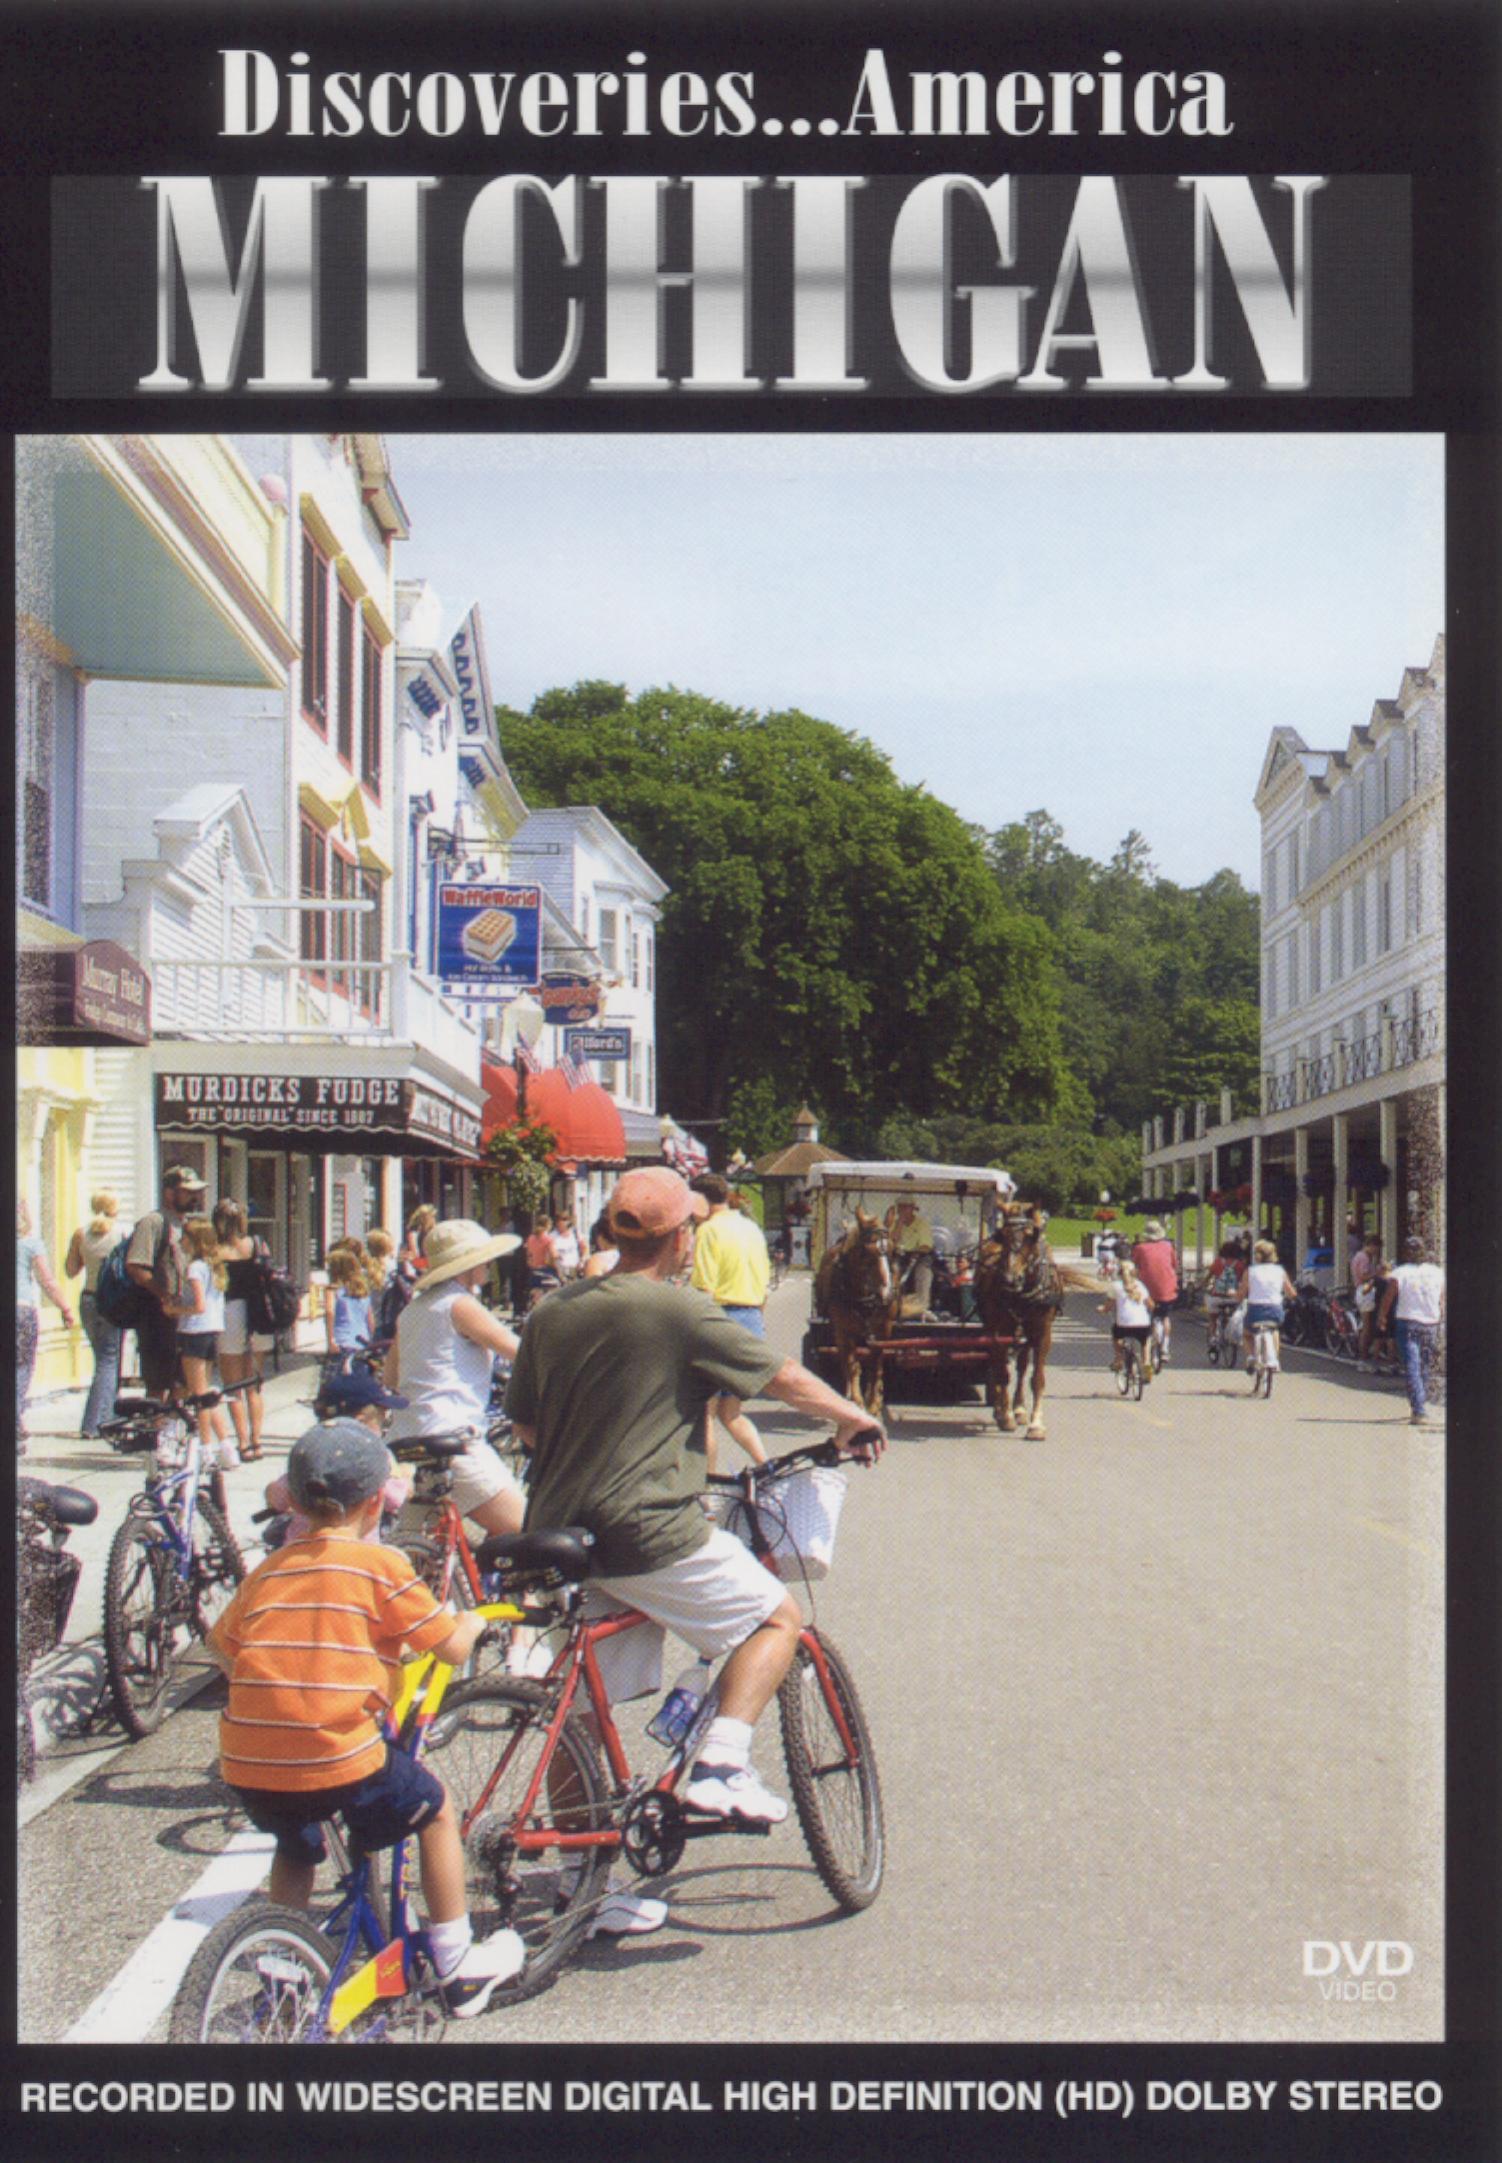 Discoveries... America: Michigan